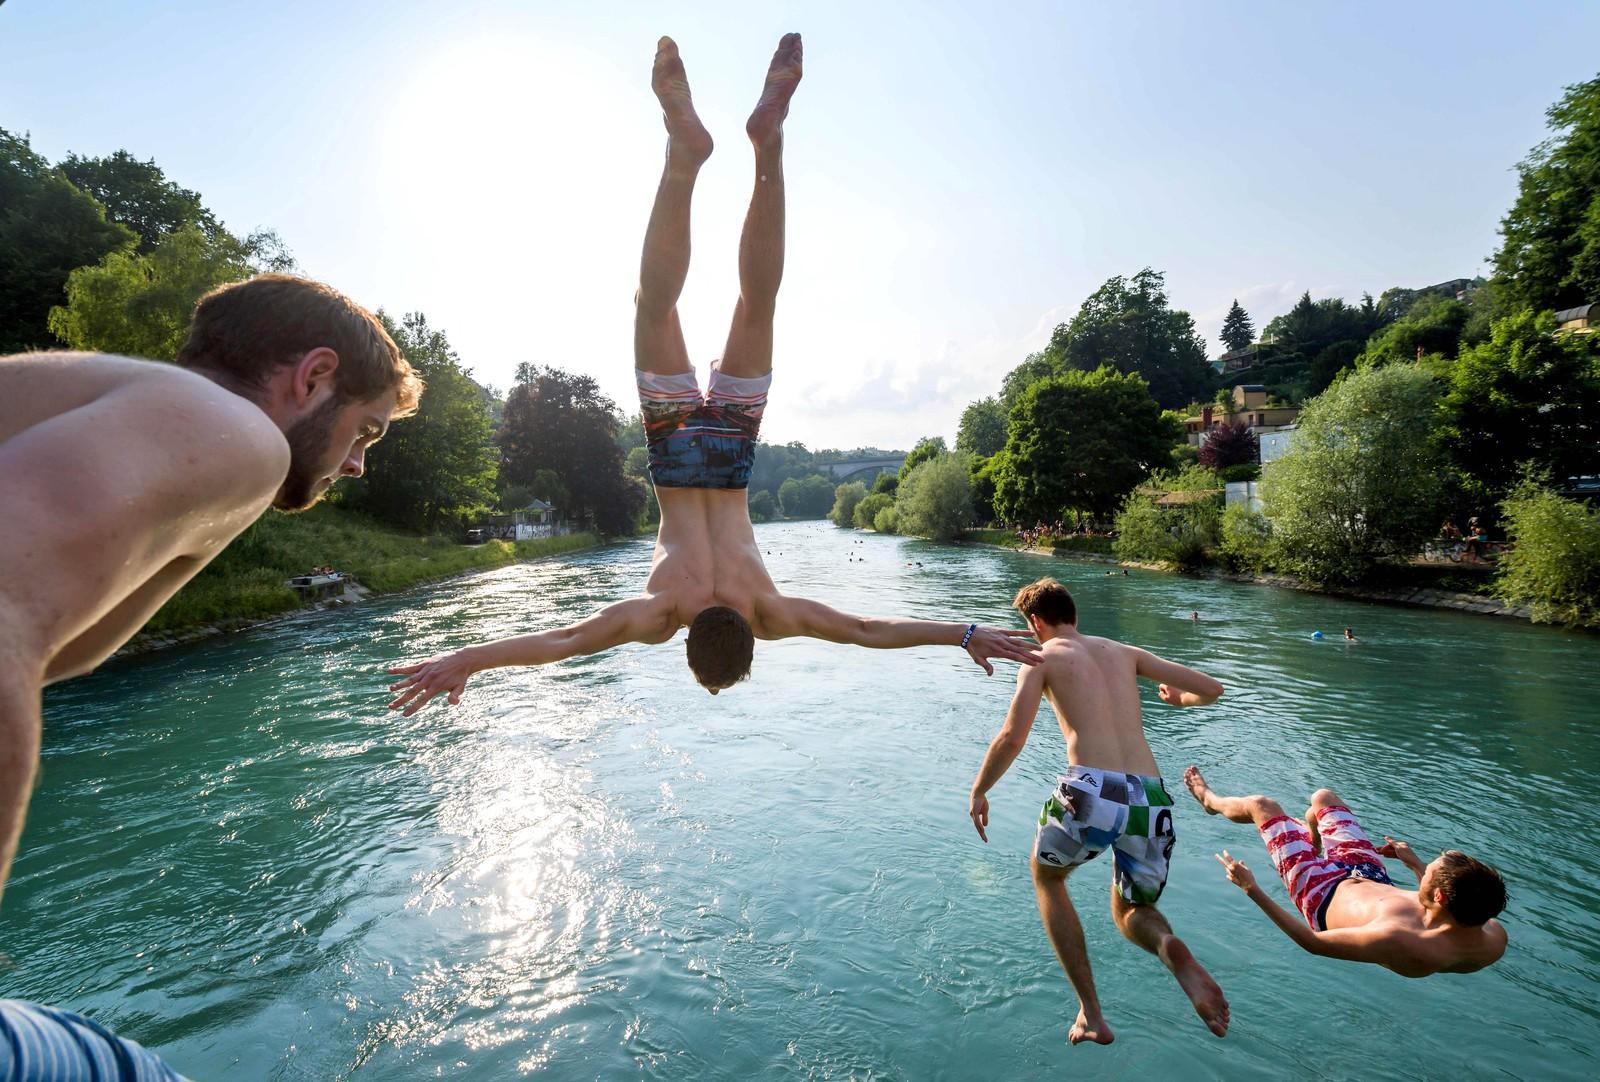 Det har vært ordentlig varmt flere steder i Europa denne uka. Dette bildet er fra Bern i Sveits.